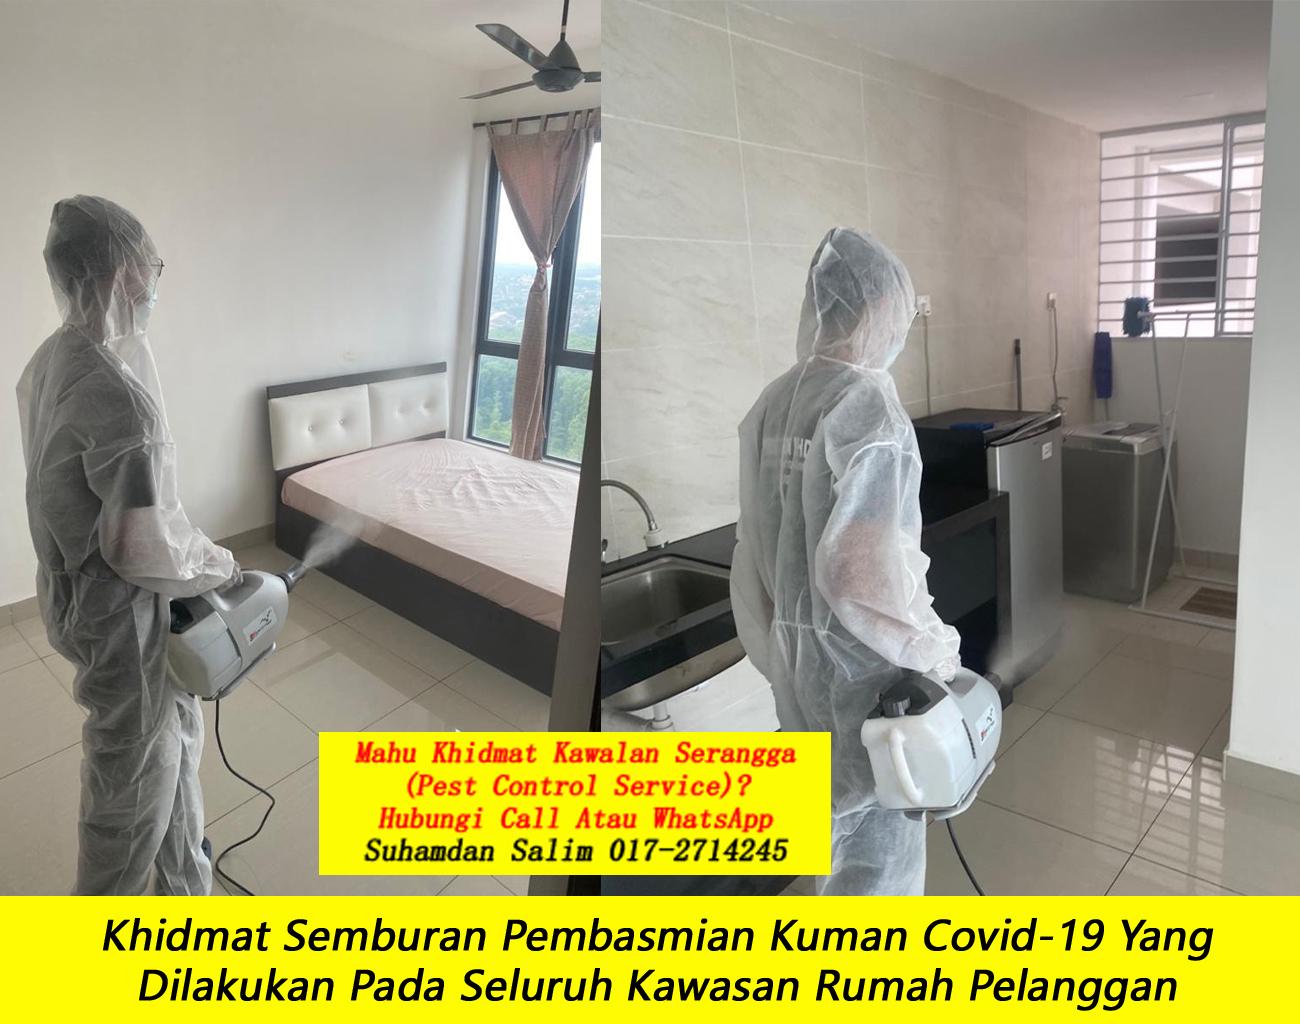 khidmat sanitizing membasmi kuman Covid-19 Disinfection Service semburan sanitize covid 19 paling berkesan dengan harga berpatutan the best service covid-19 meru selangor felda